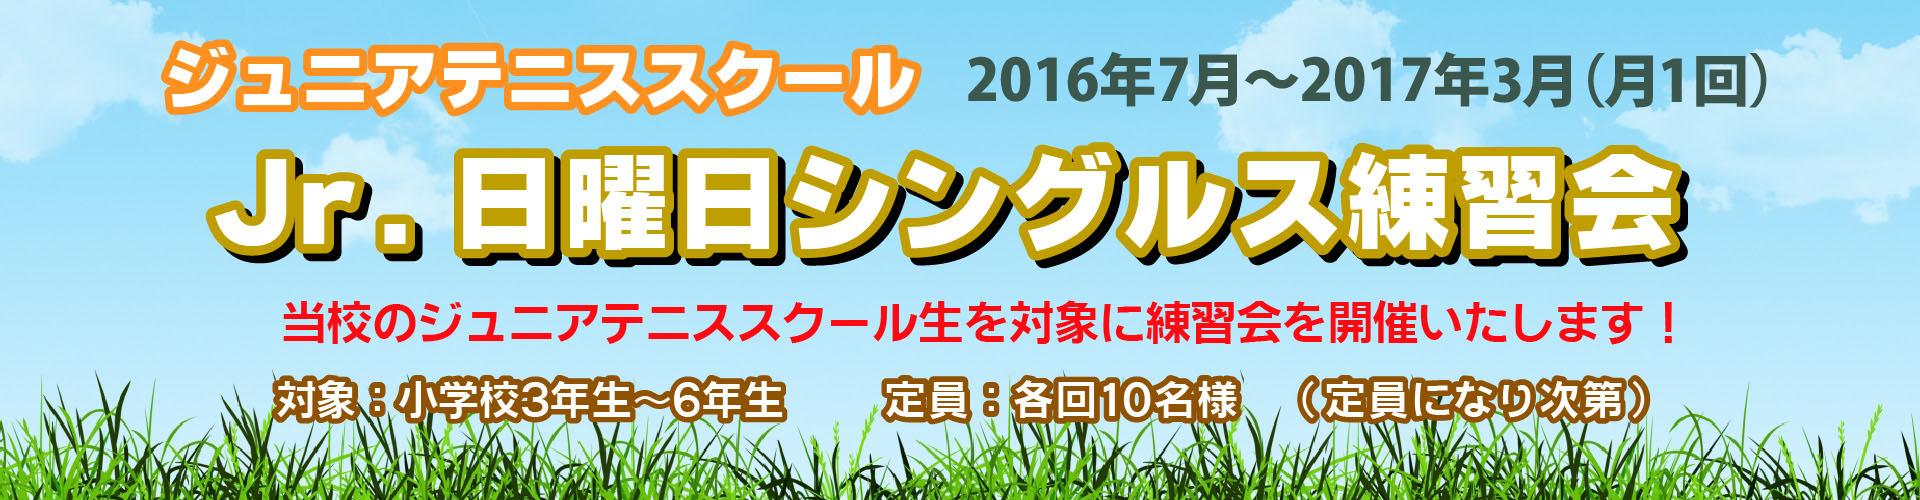 「jr-日曜日シングルス練習会」を開催します!